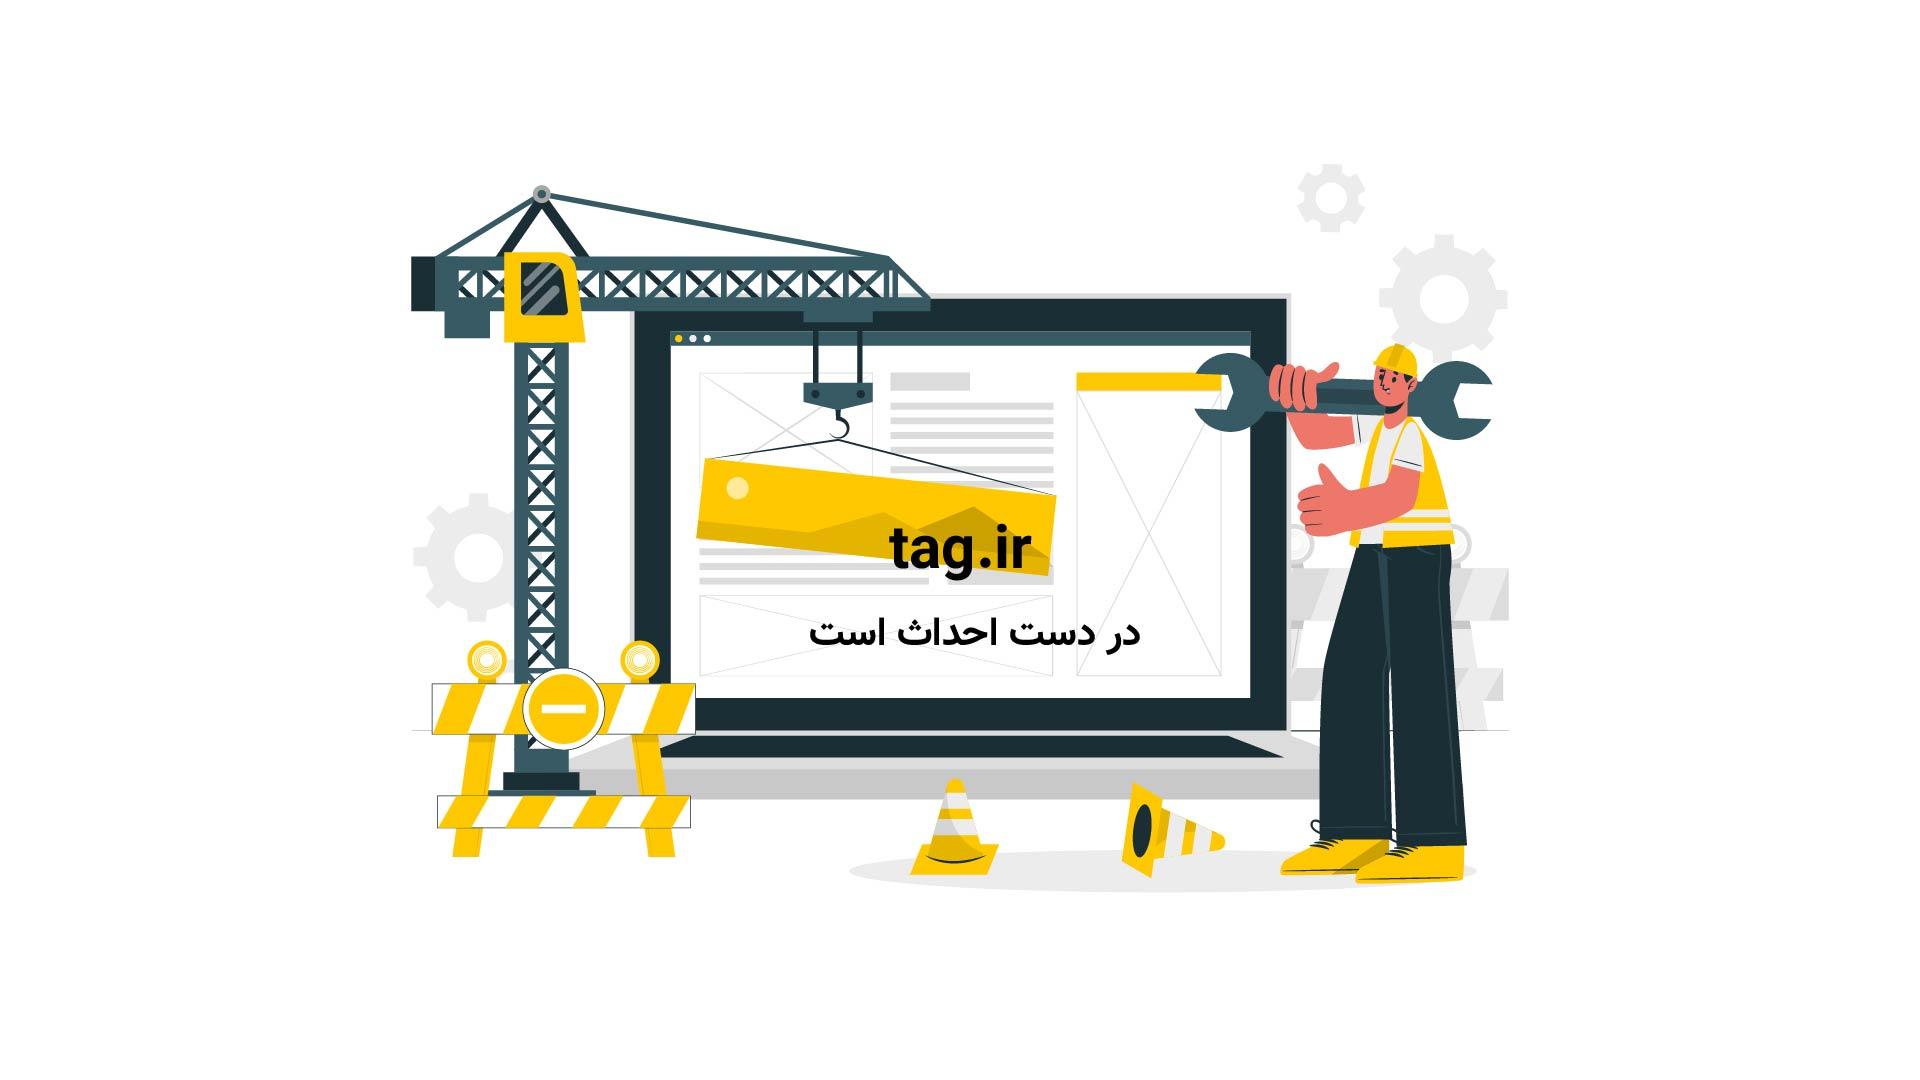 لحظه وقوع زمین لرزه در شمال غربی چین | فیلم